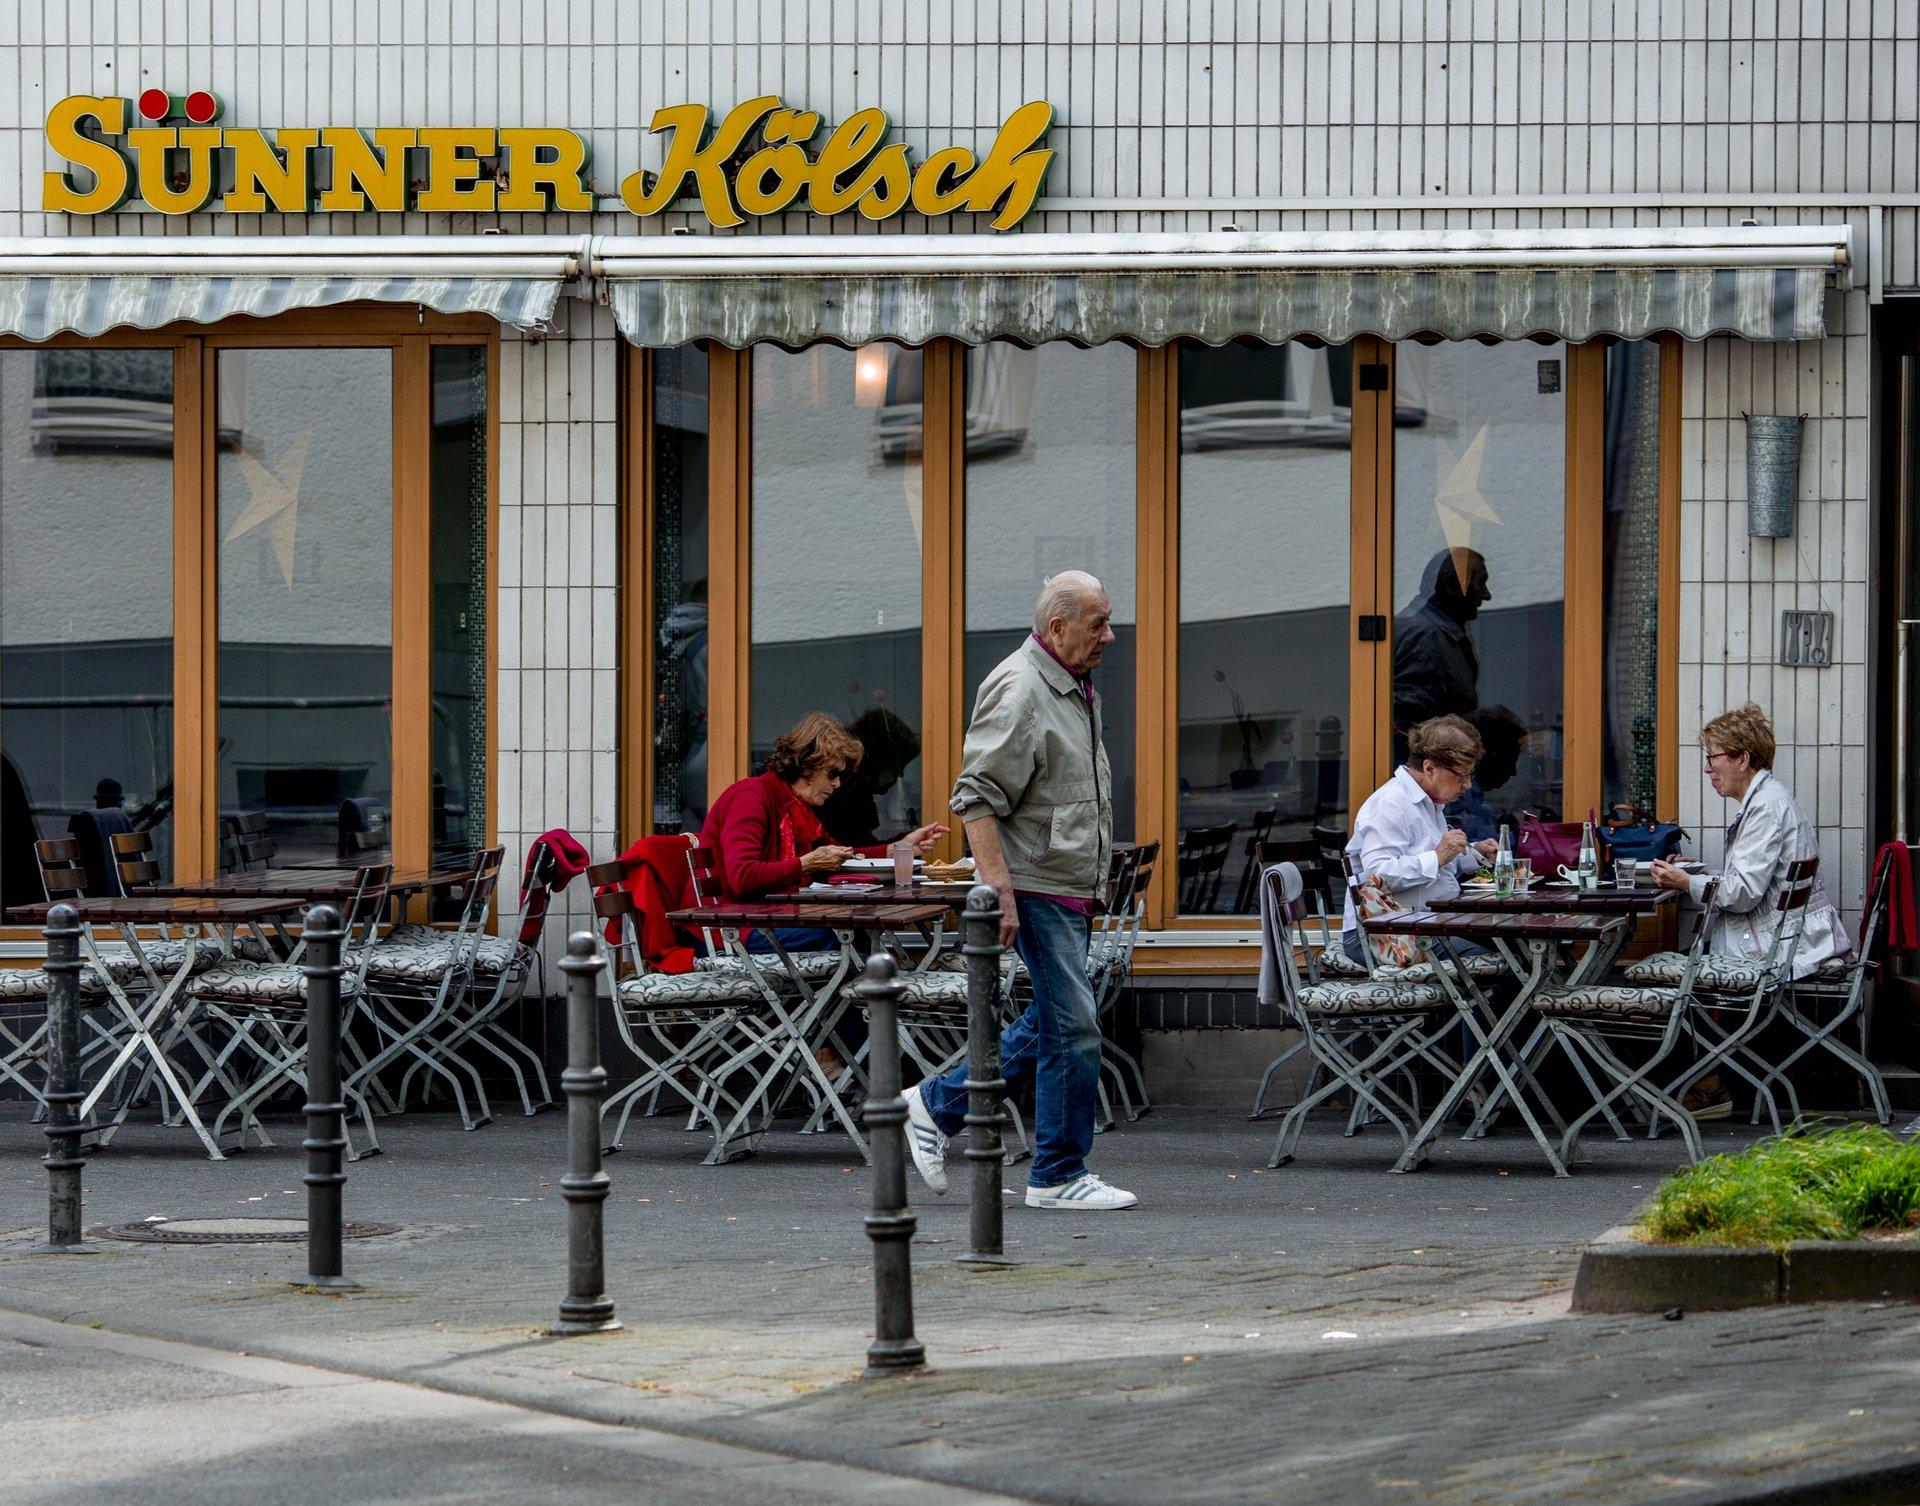 Das Kneipenrestaurant Blauer König in Kalk